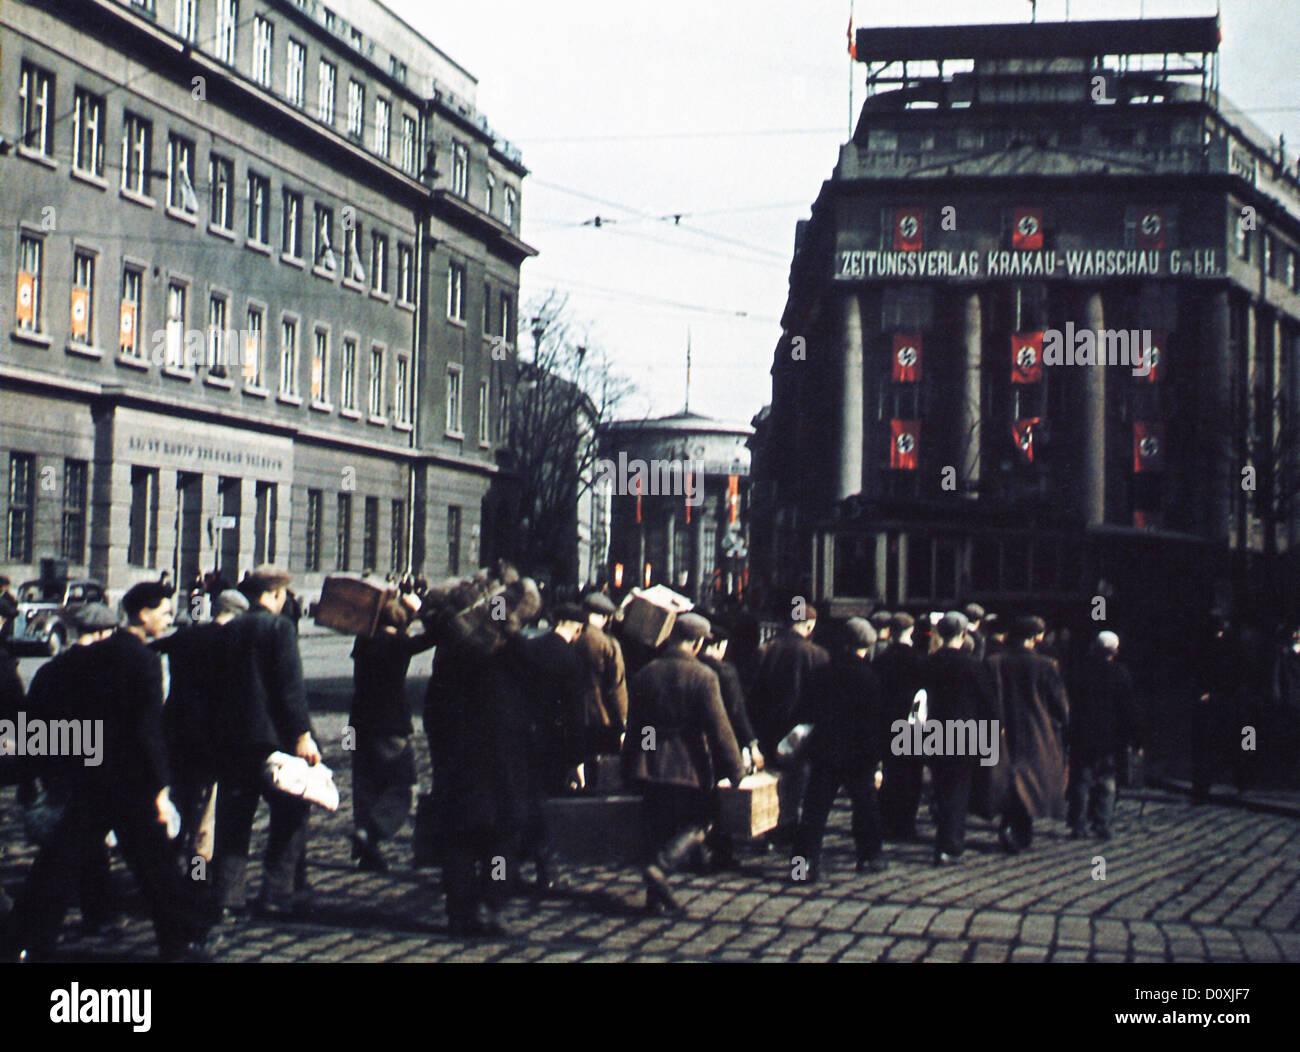 General Government, Zeitungsverlag Krakau-Warschau GmbH, publishing house, Warschauer Zeitung, German, paper, Poland, - Stock Image